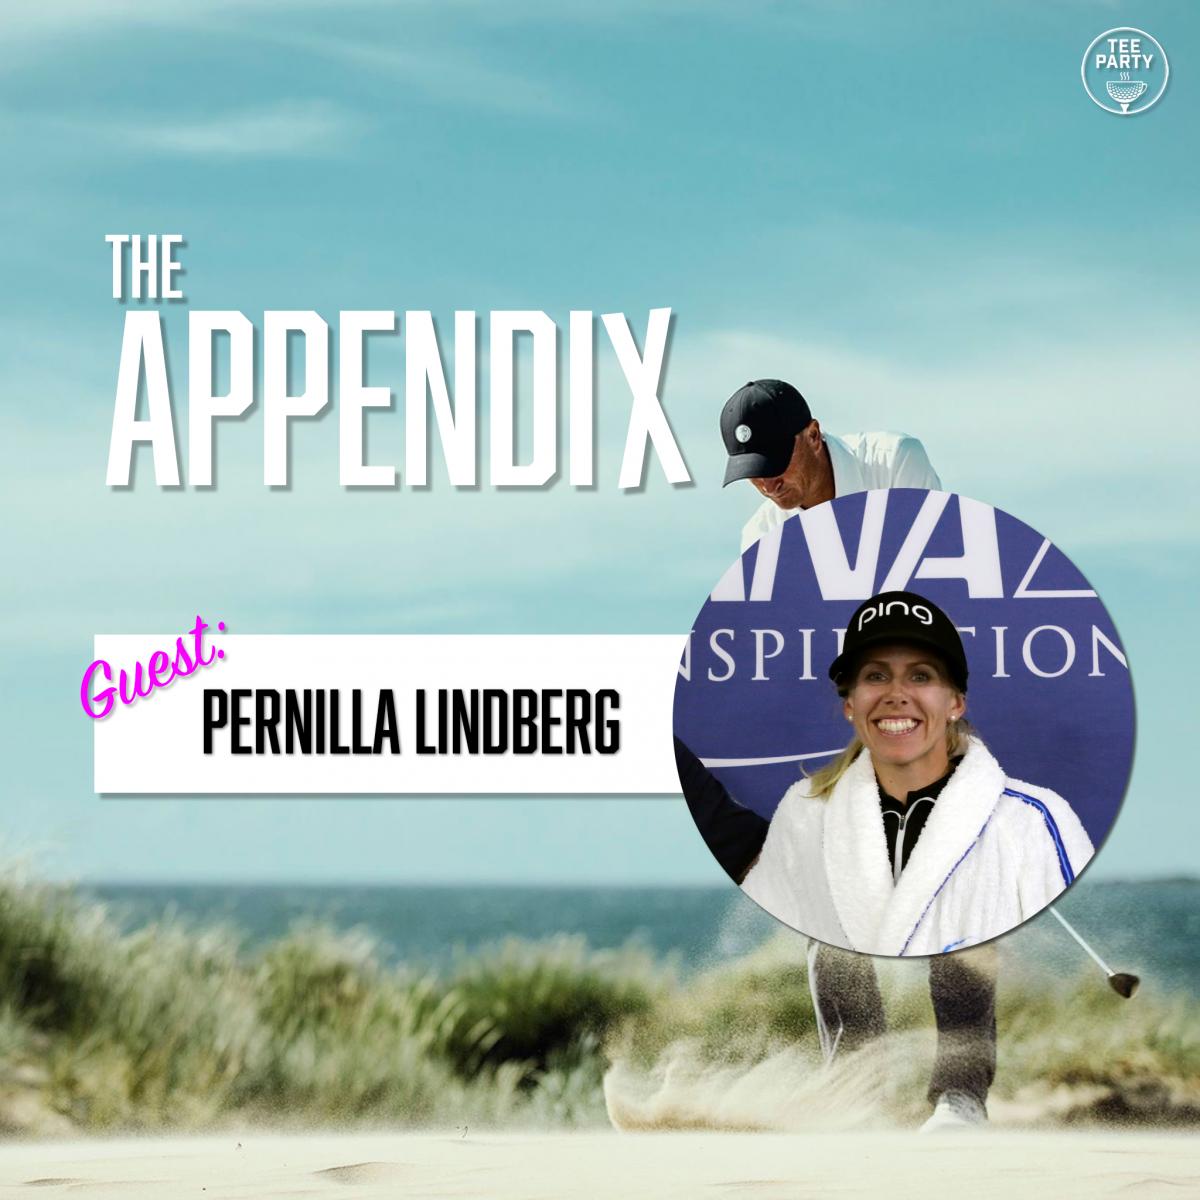 Appendix på fredagar